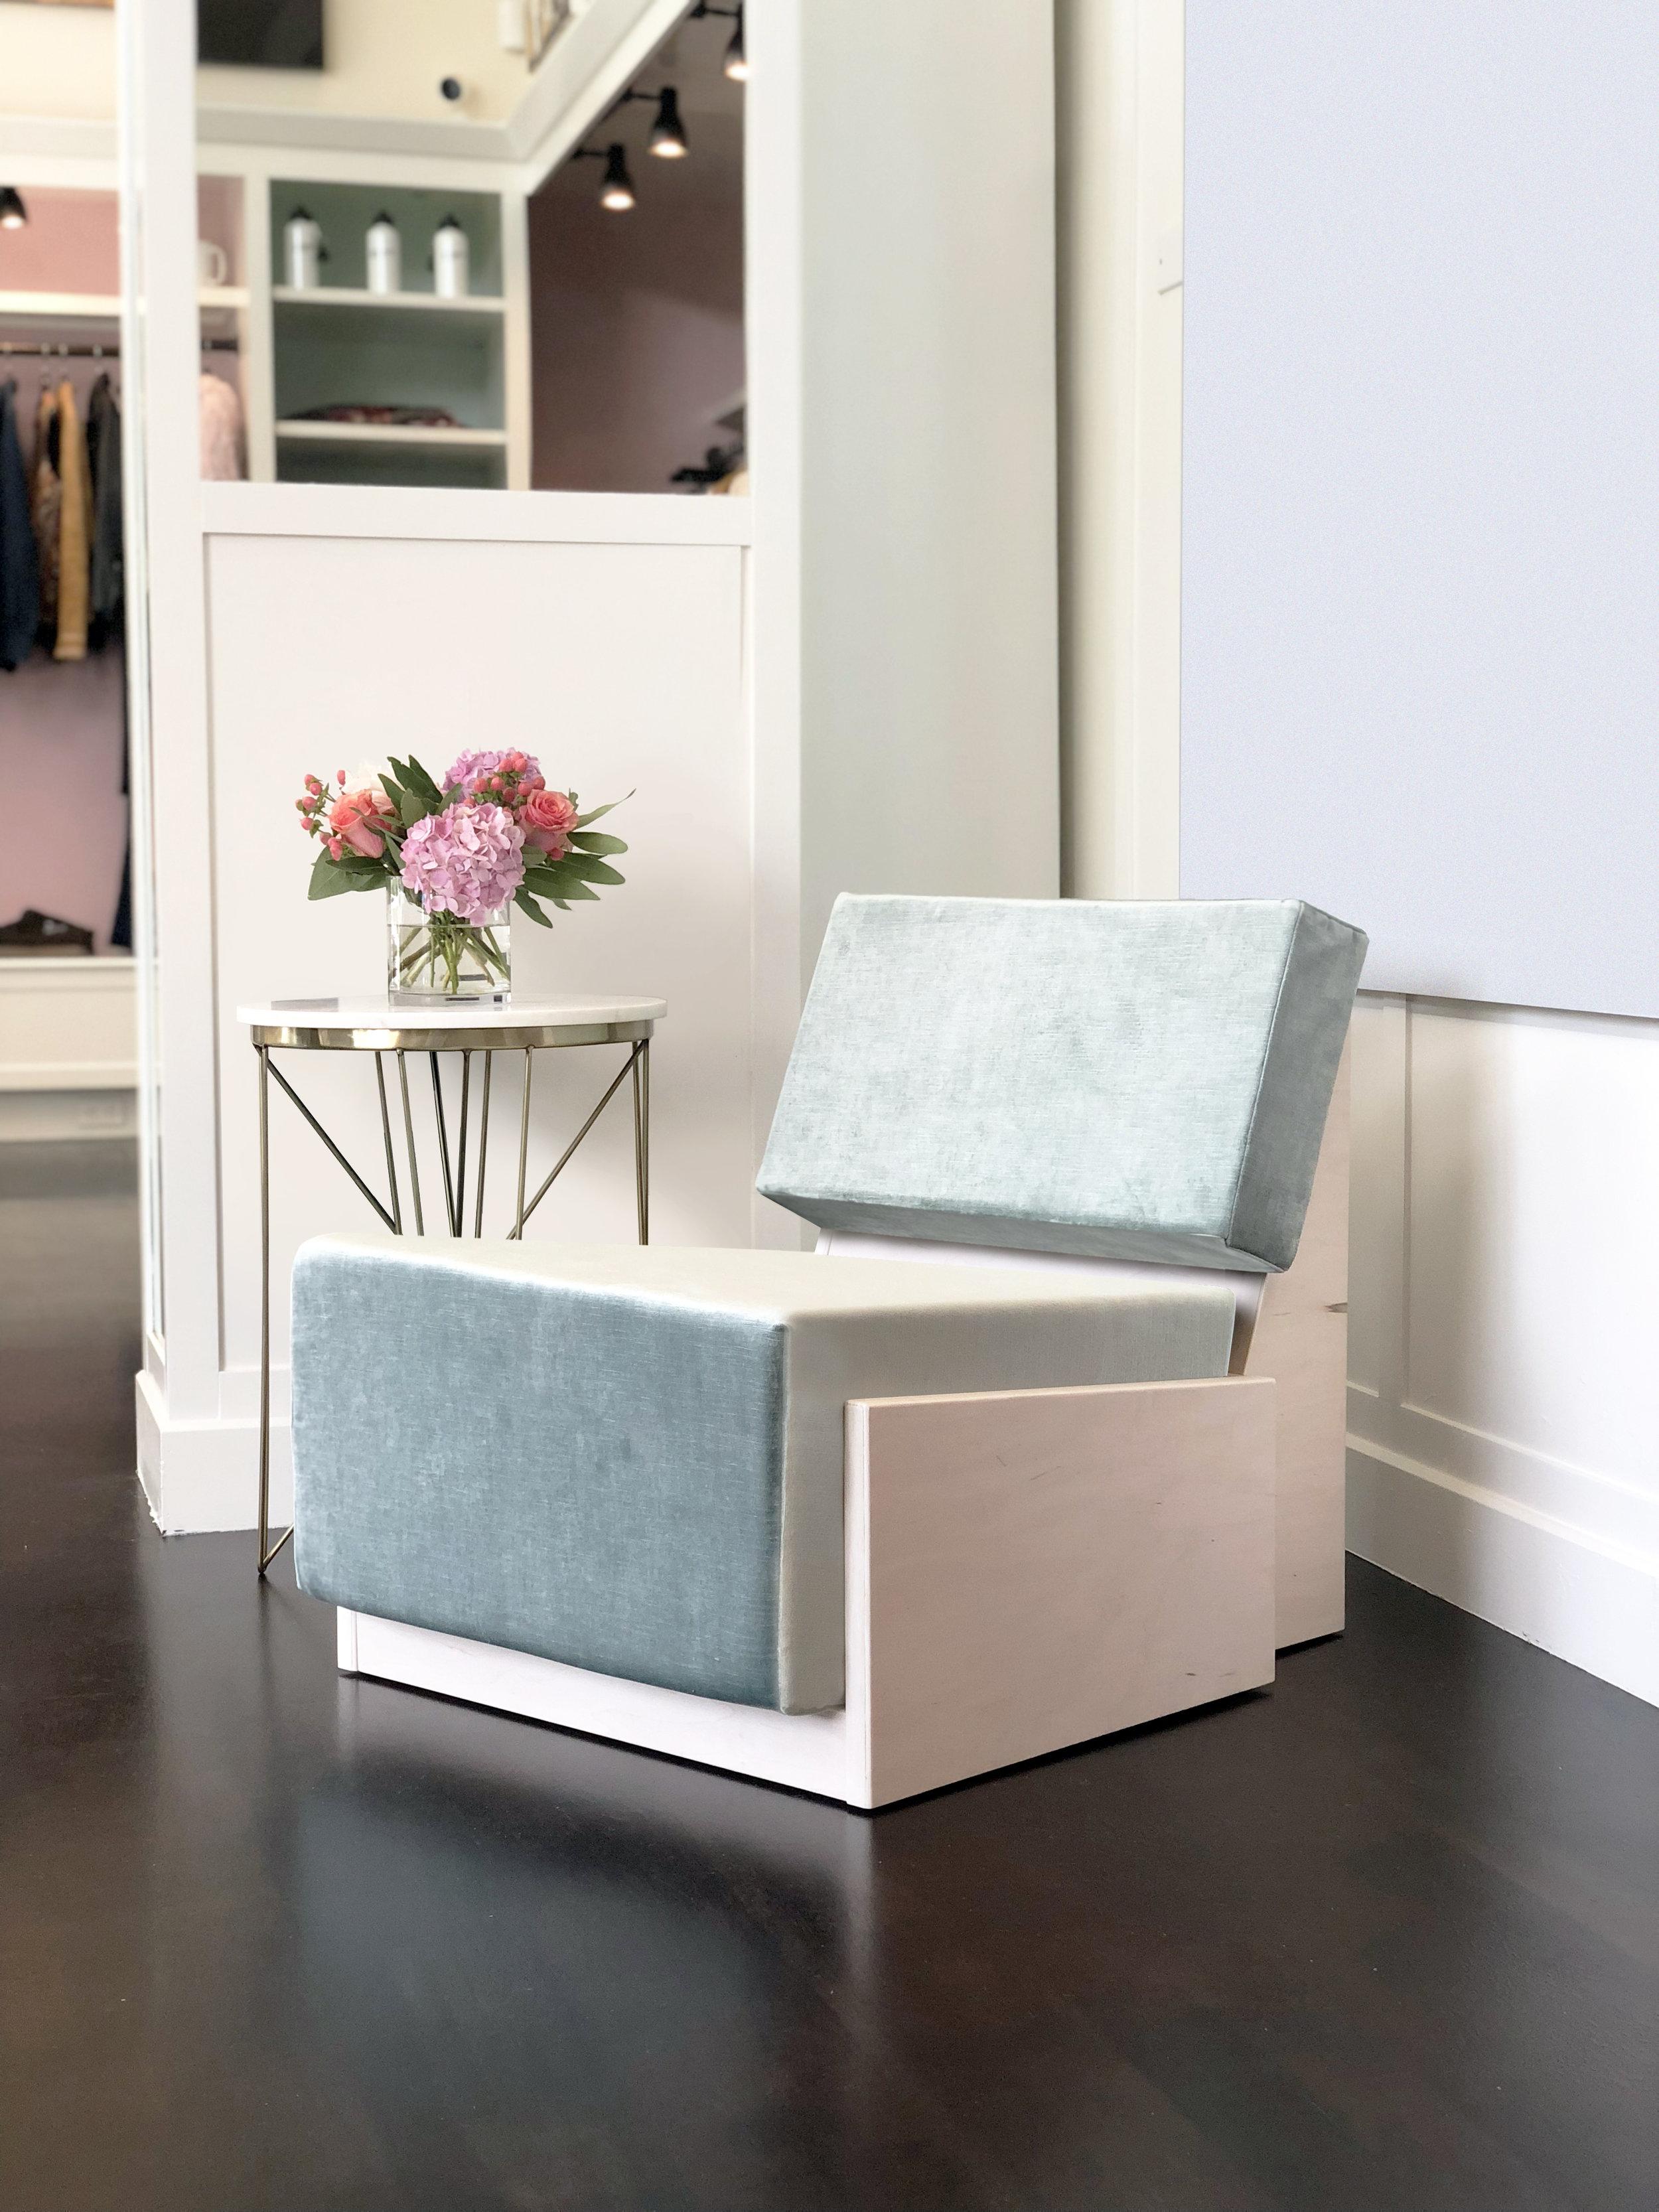 1 Lounge Chair In Situ.jpg